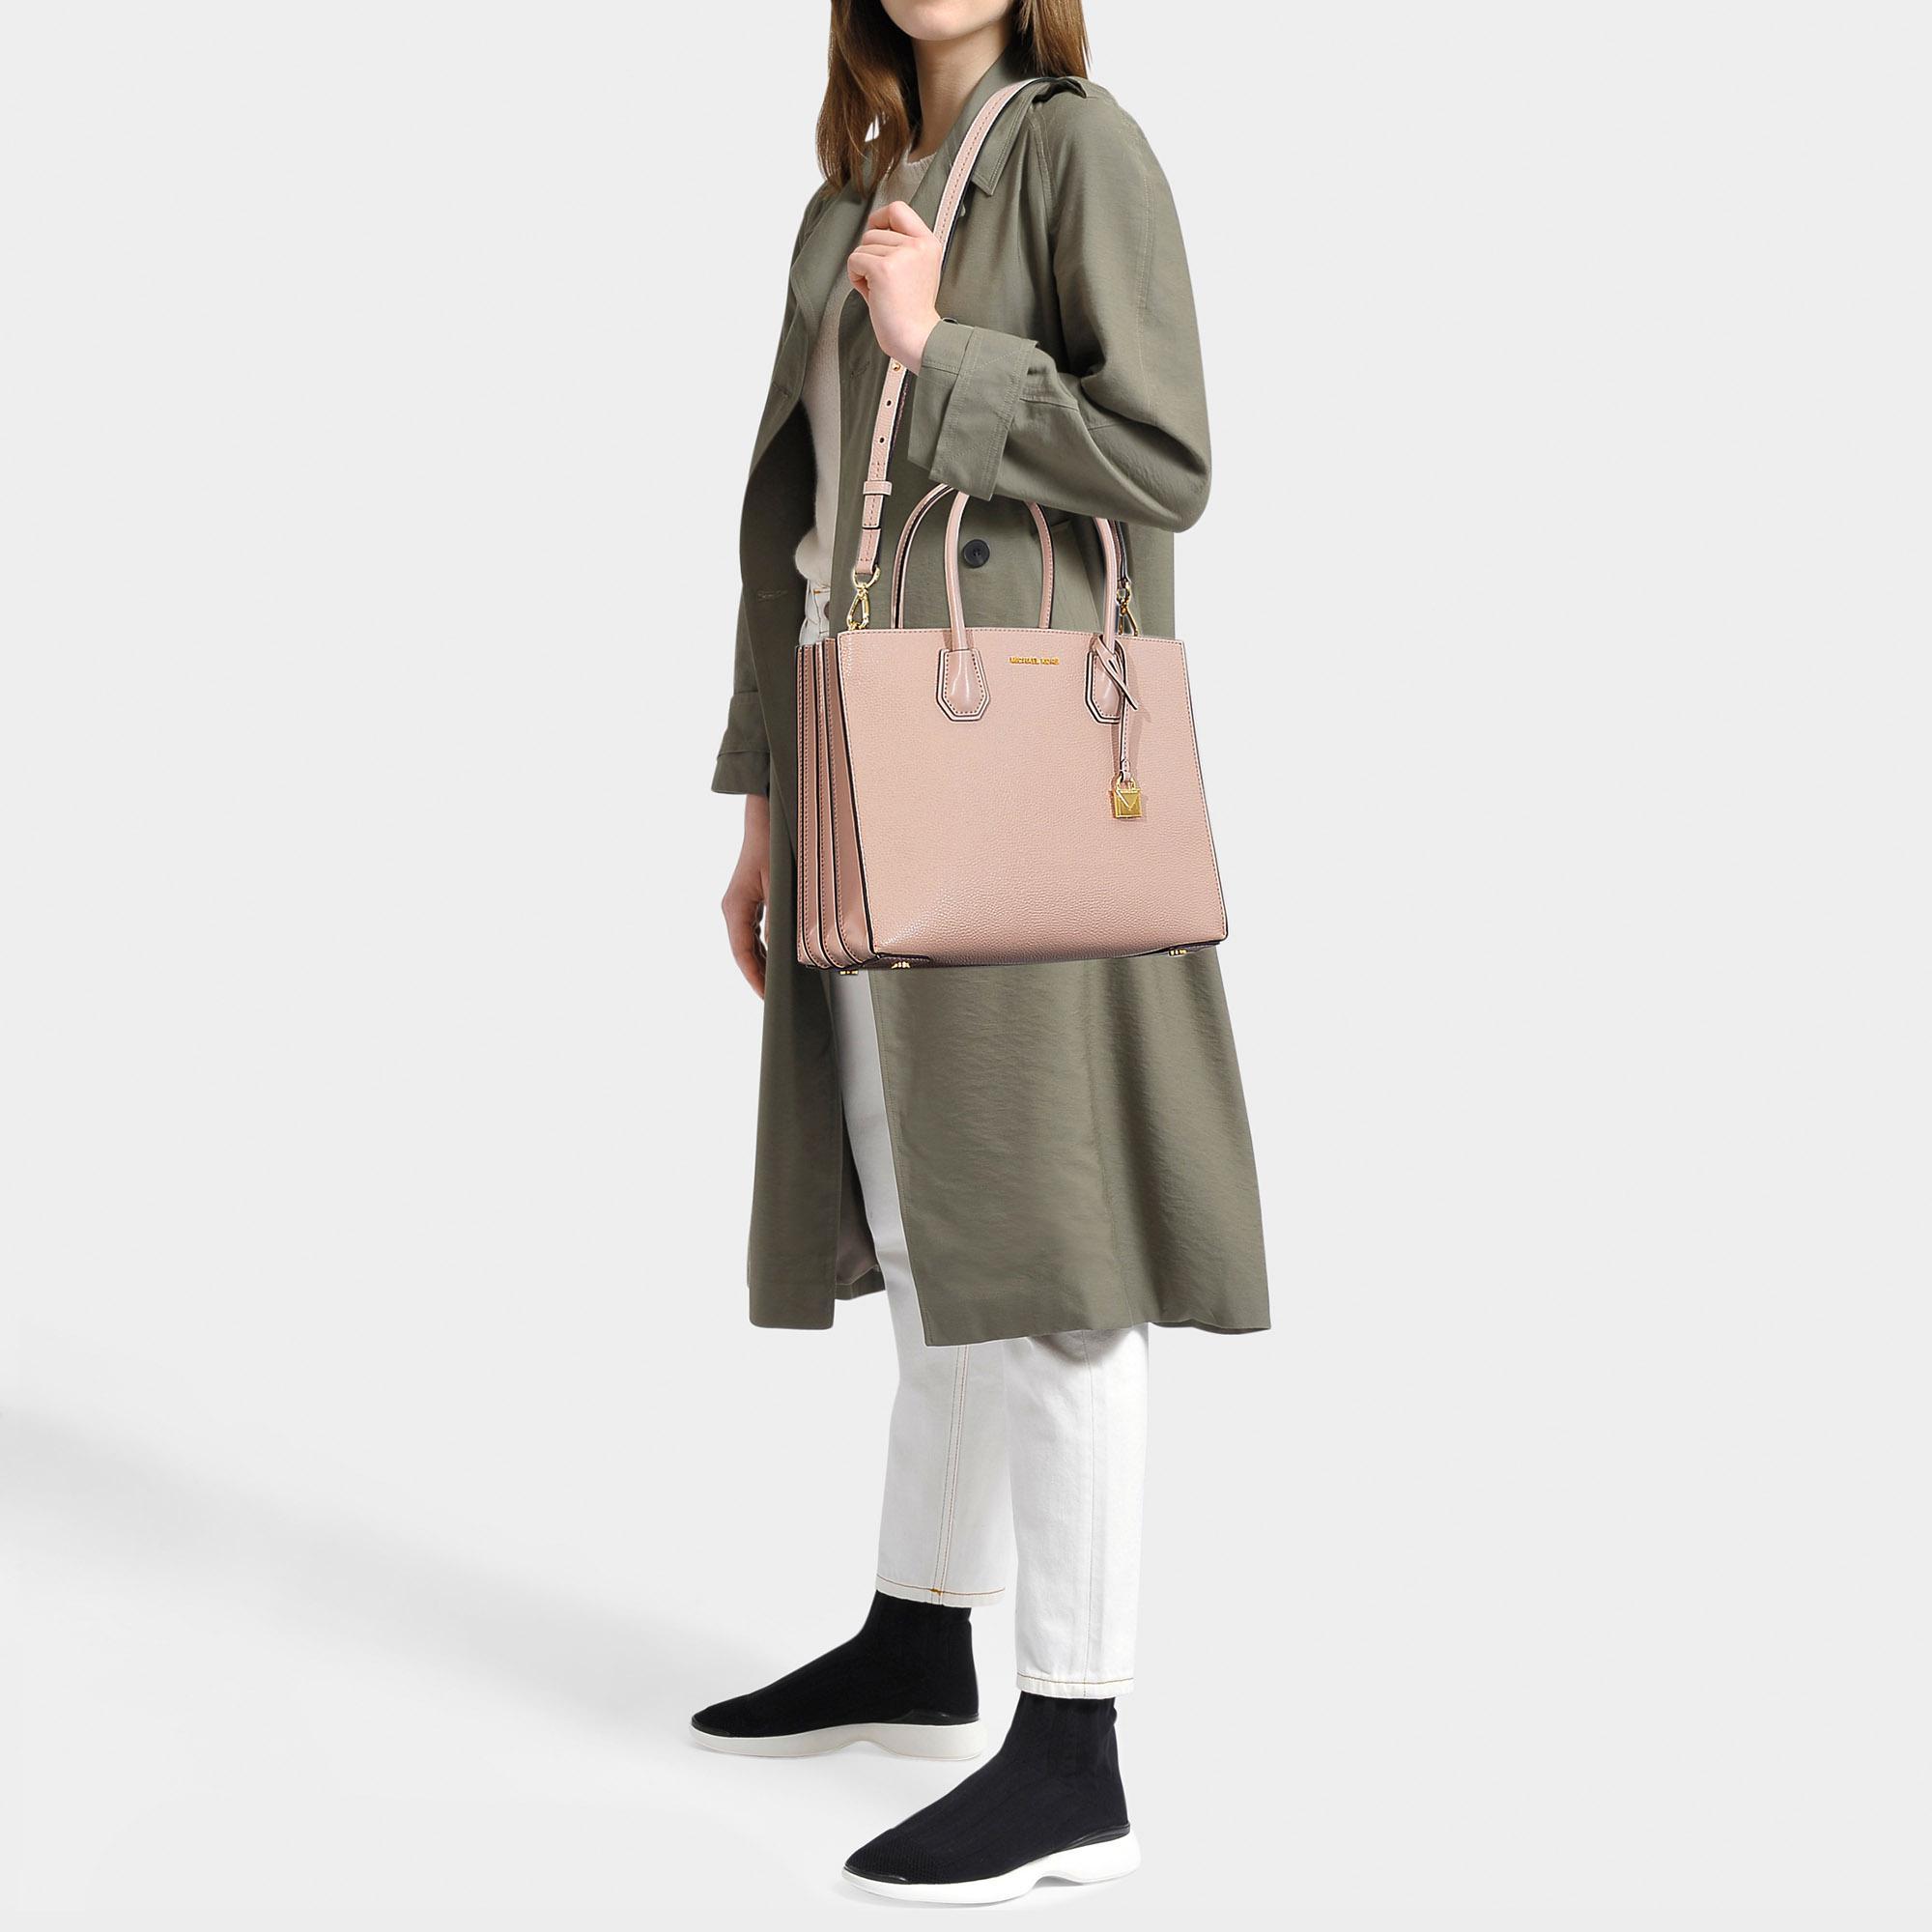 6de276c1414f MICHAEL Michael Kors - Mercer Large Accordion Convertible Tote Bag In Soft  Pink Grained Calfskin -. View fullscreen